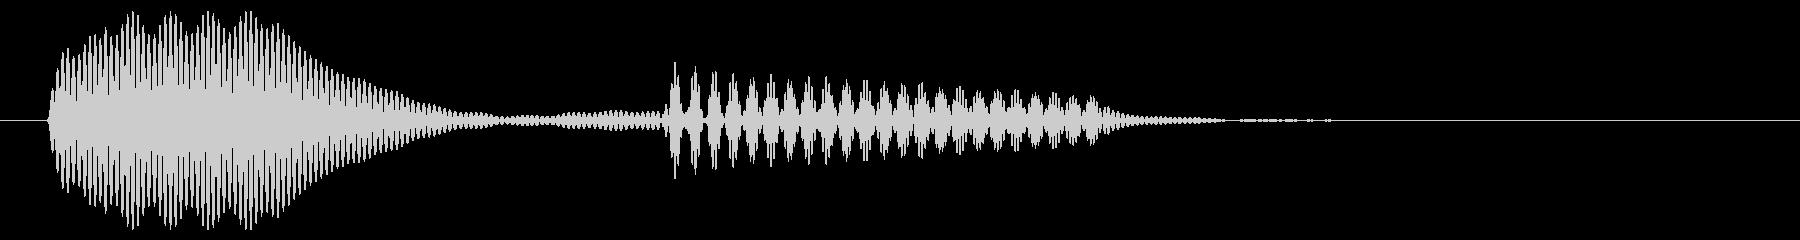 一時停止の際の効果音の未再生の波形